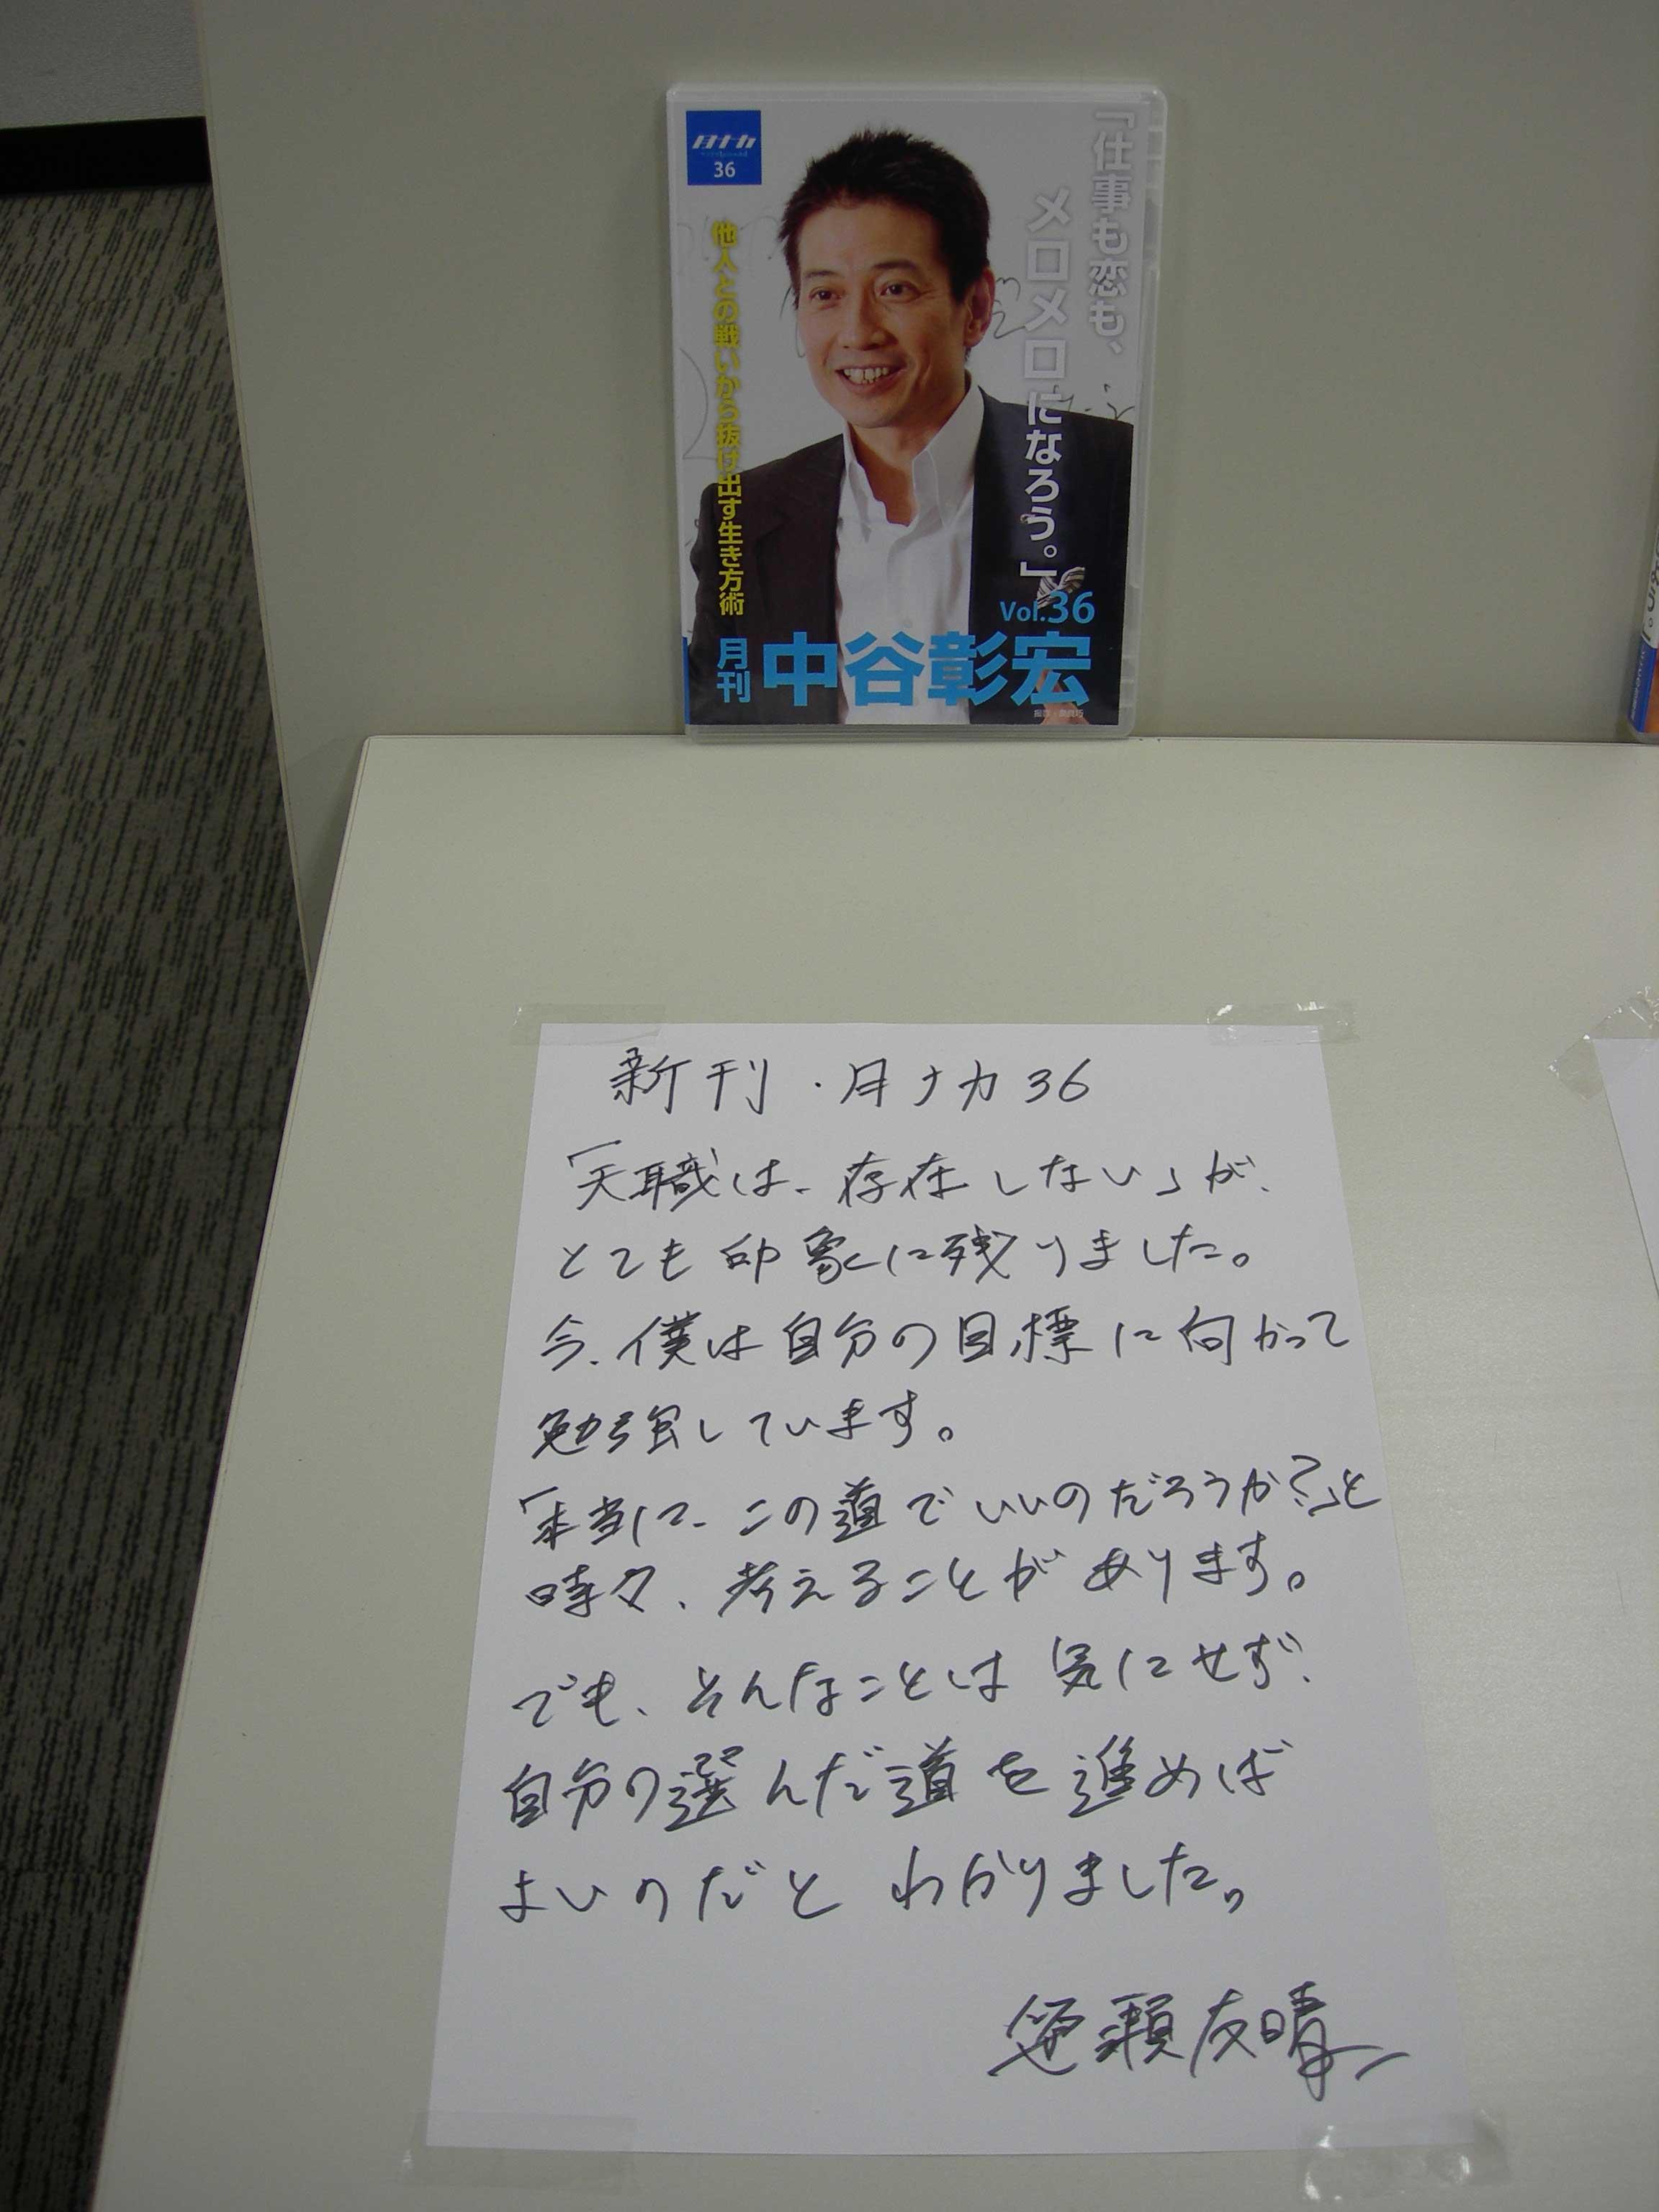 20100314_紹介文_笹瀬友晴さん.jpg